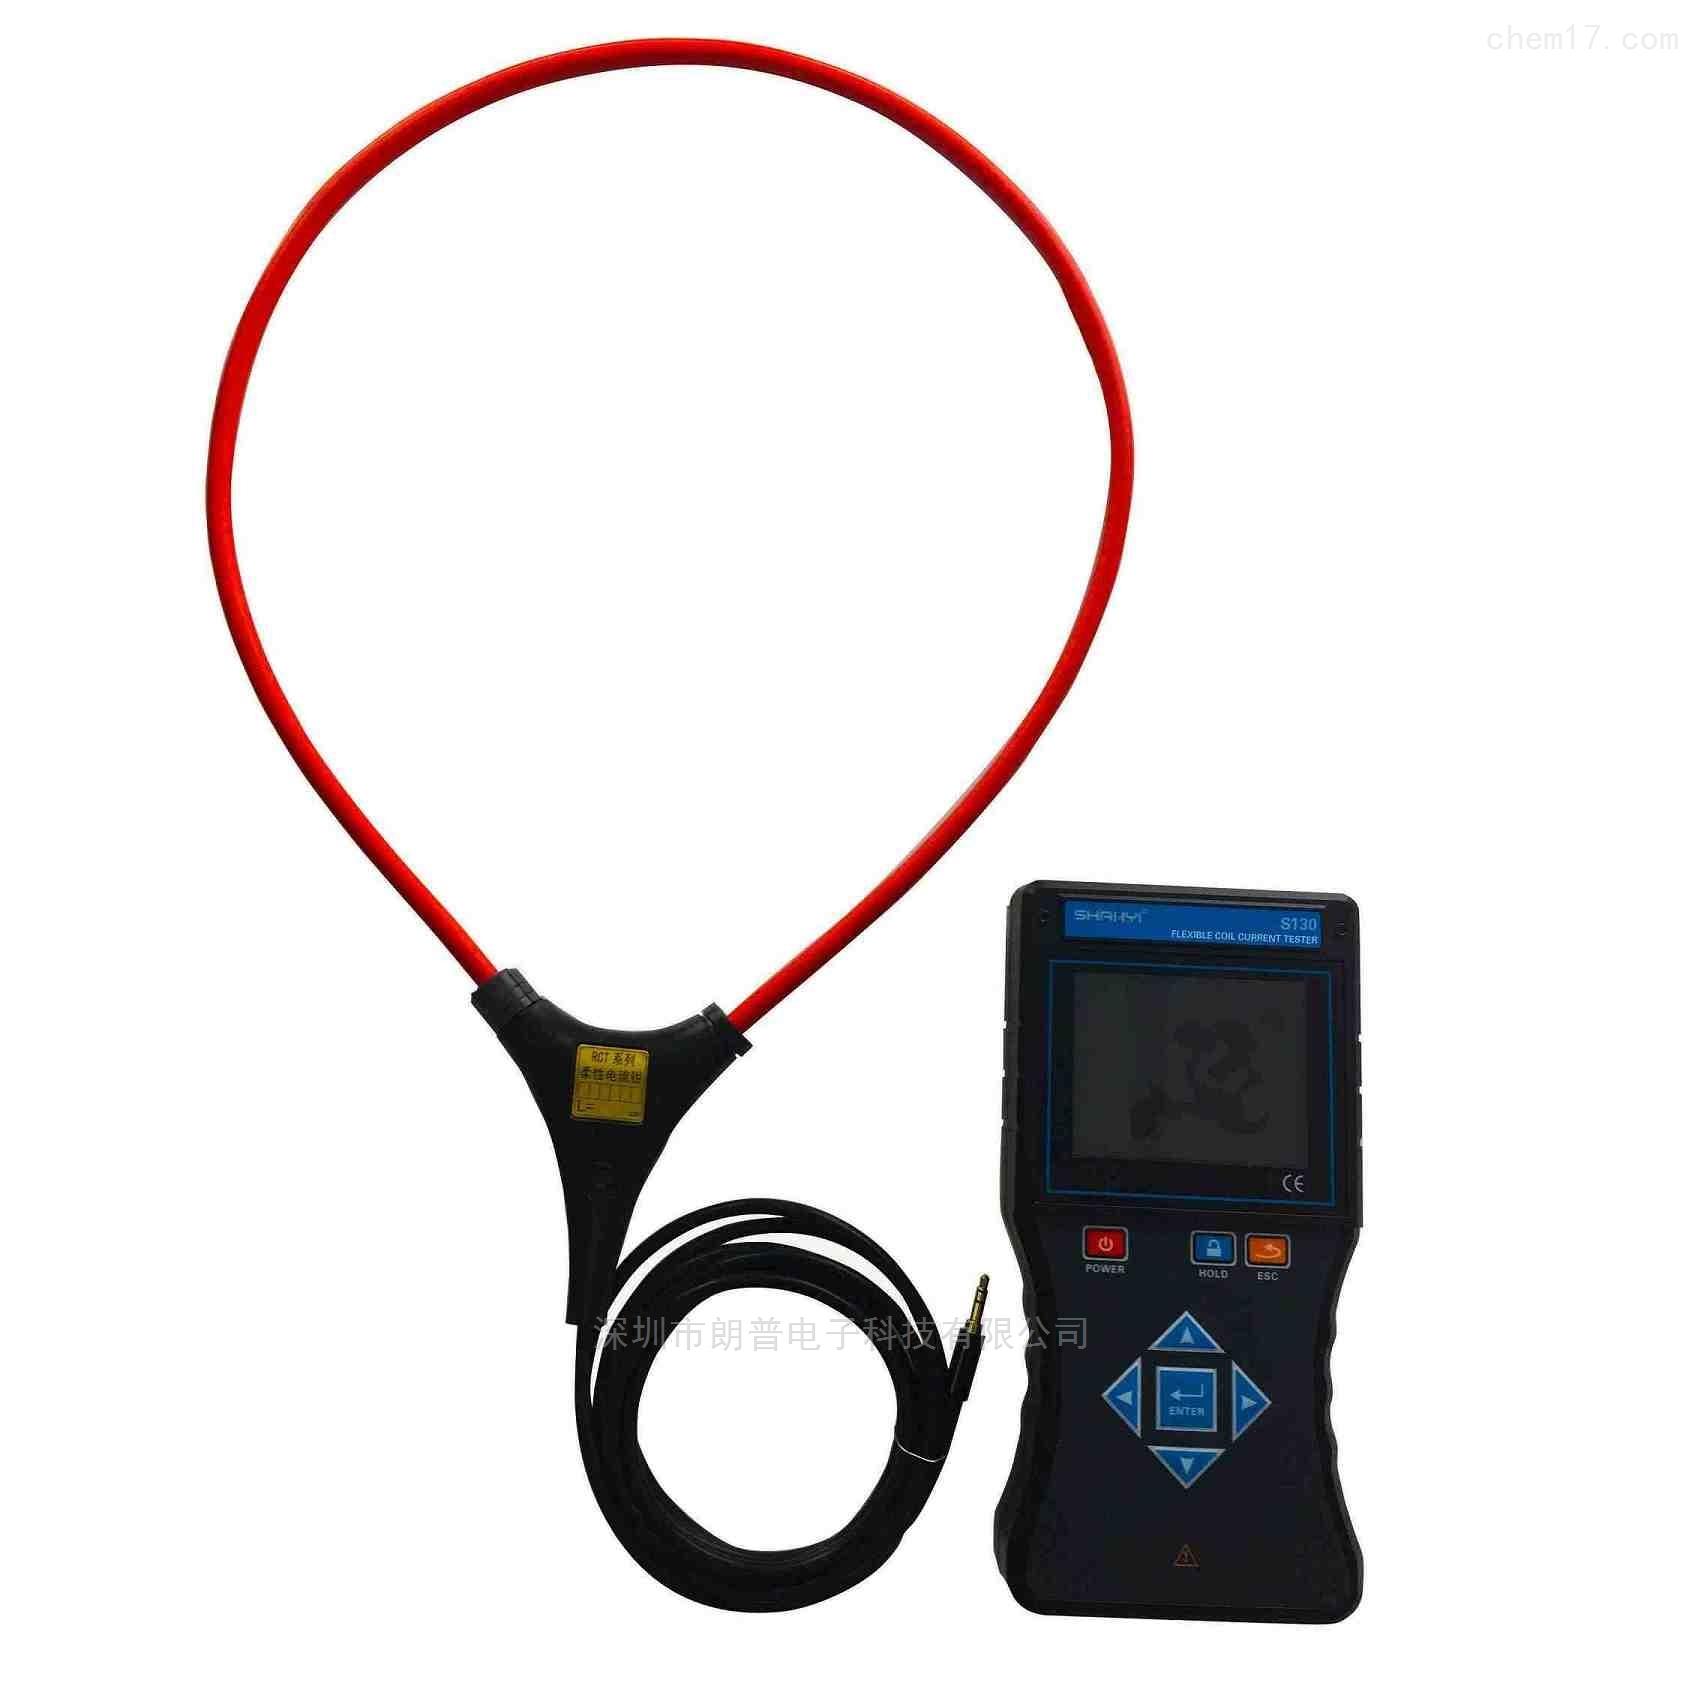 广州钐钇S130柔性线圈大电流记录仪